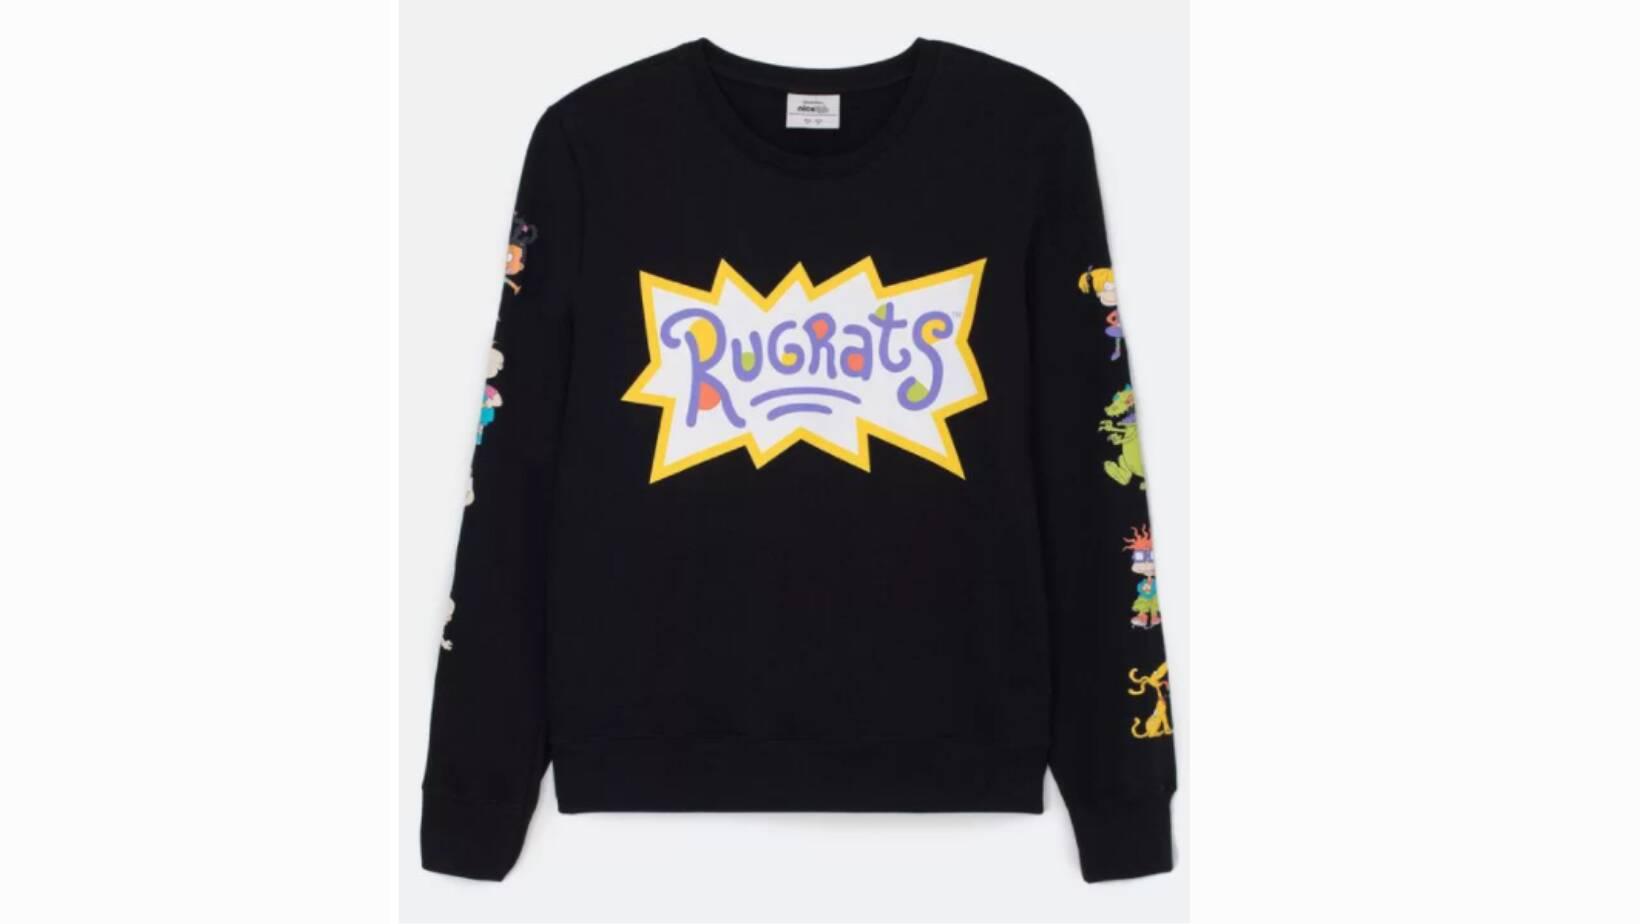 Moletom Rugrats, Renner. R$ 59,90.. Foto: Divulgação